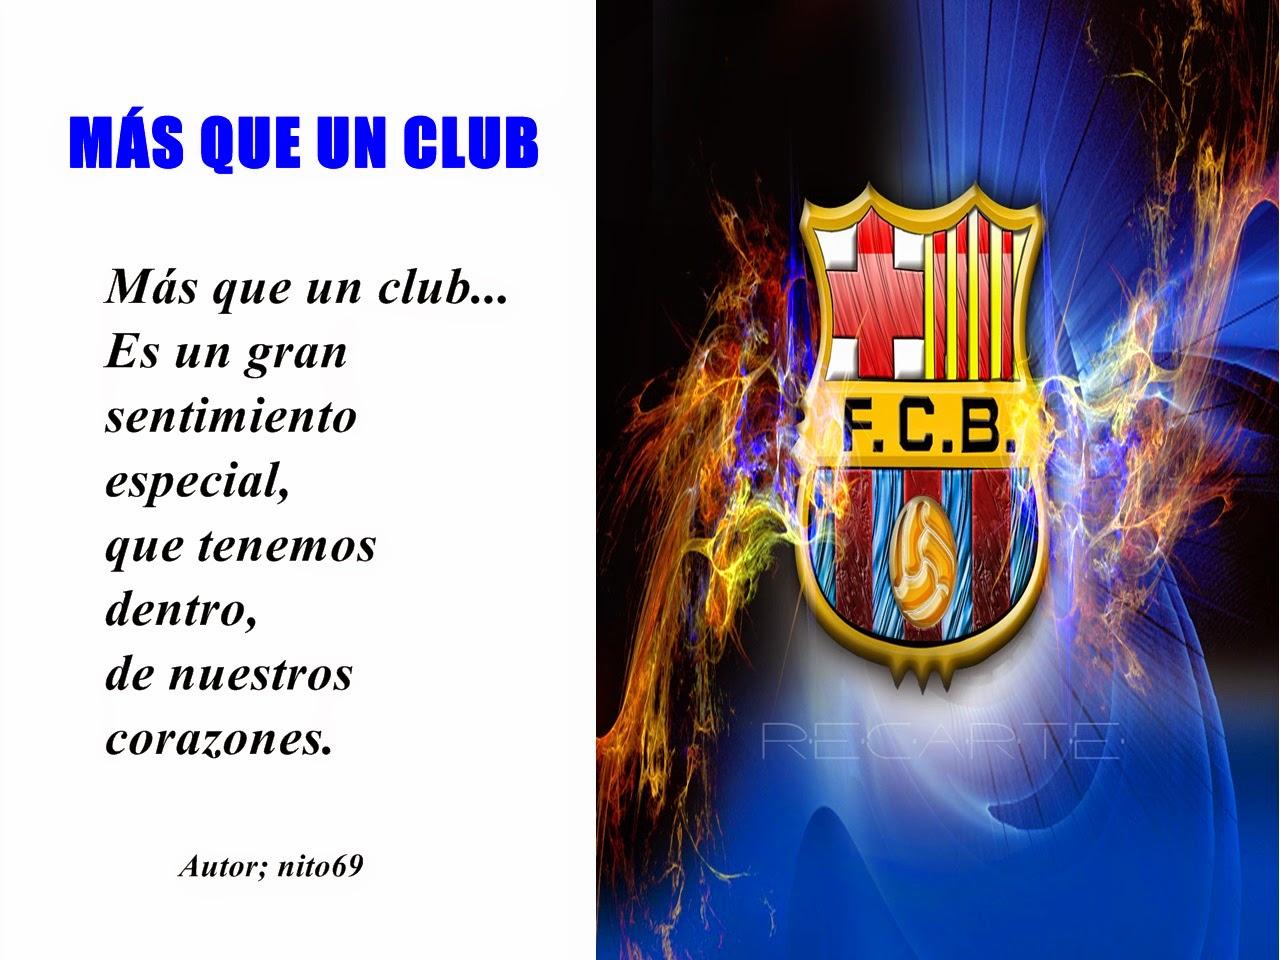 MÁS QUE UN CLUB ( dedicado a mi club de futbol de toda la vida ).